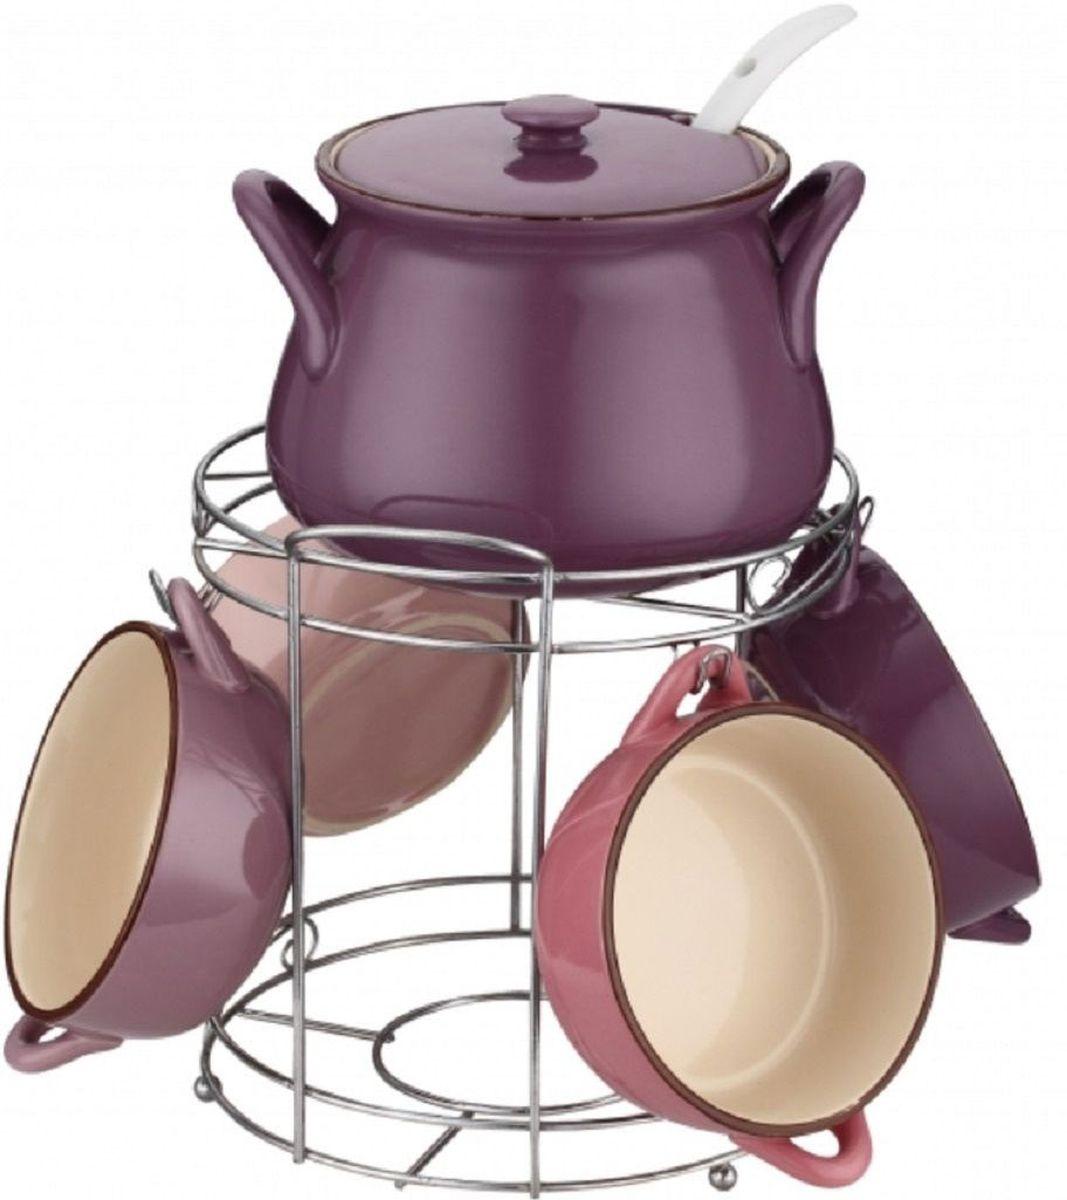 Набор супниц Elff Decor, на подставке, 8 предметов1400-872Супницы Elff Decor изготовлены из цветной керамики. В комплект входит:- супница с крышкой - объем 1,5 л,- супницы - объем 400 мл 4 шт,- суповая ложка,- подставка из нержавеющей стали.